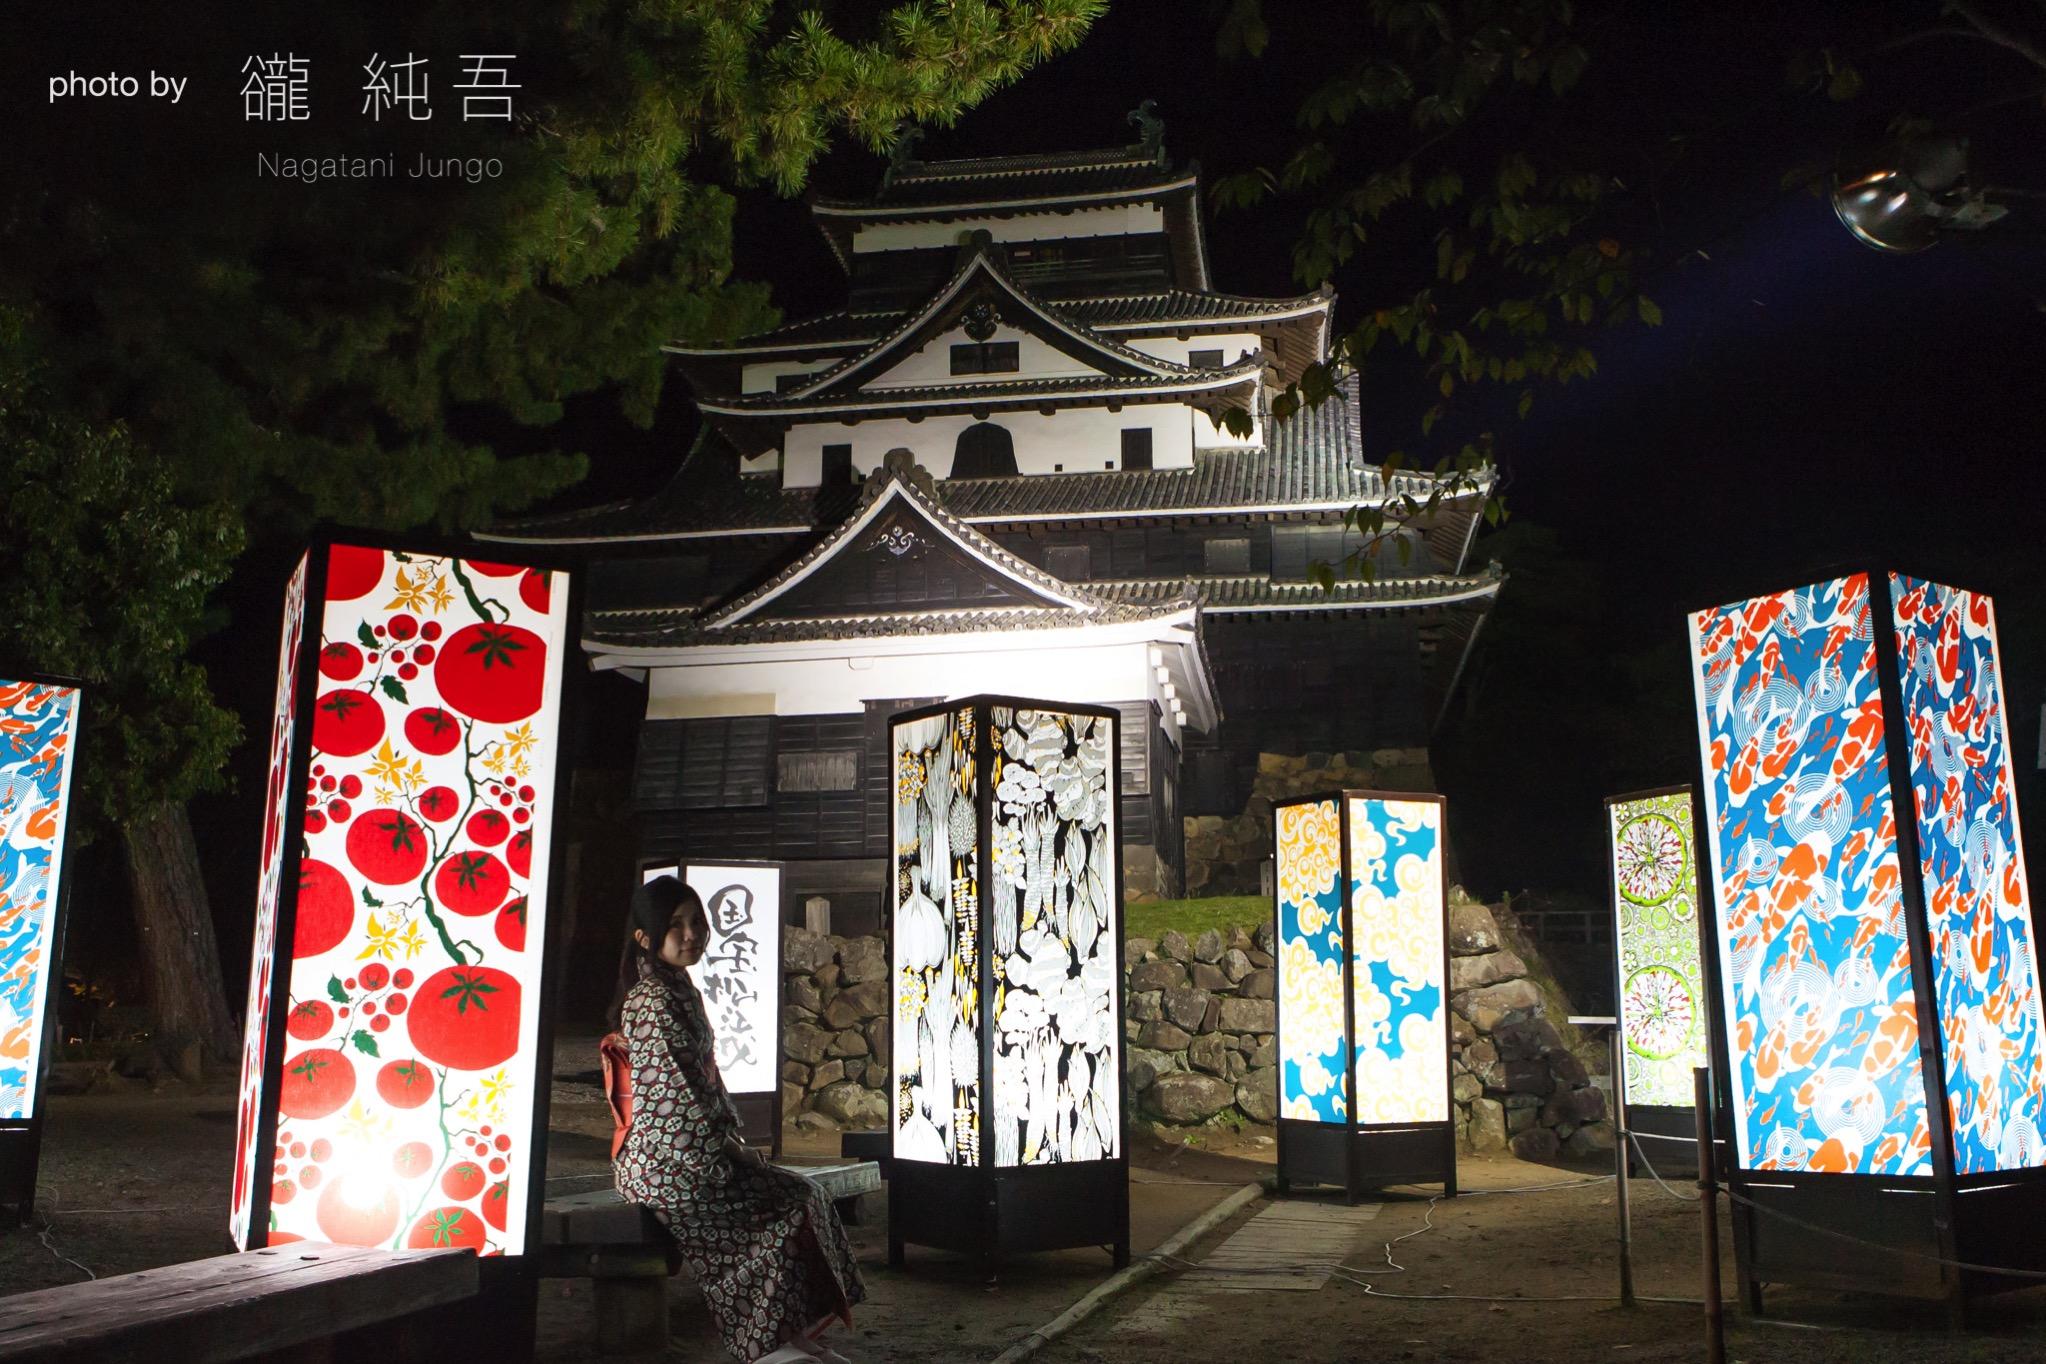 ライトアップされた松江城天守閣をバックに(2017年 松江水燈路)